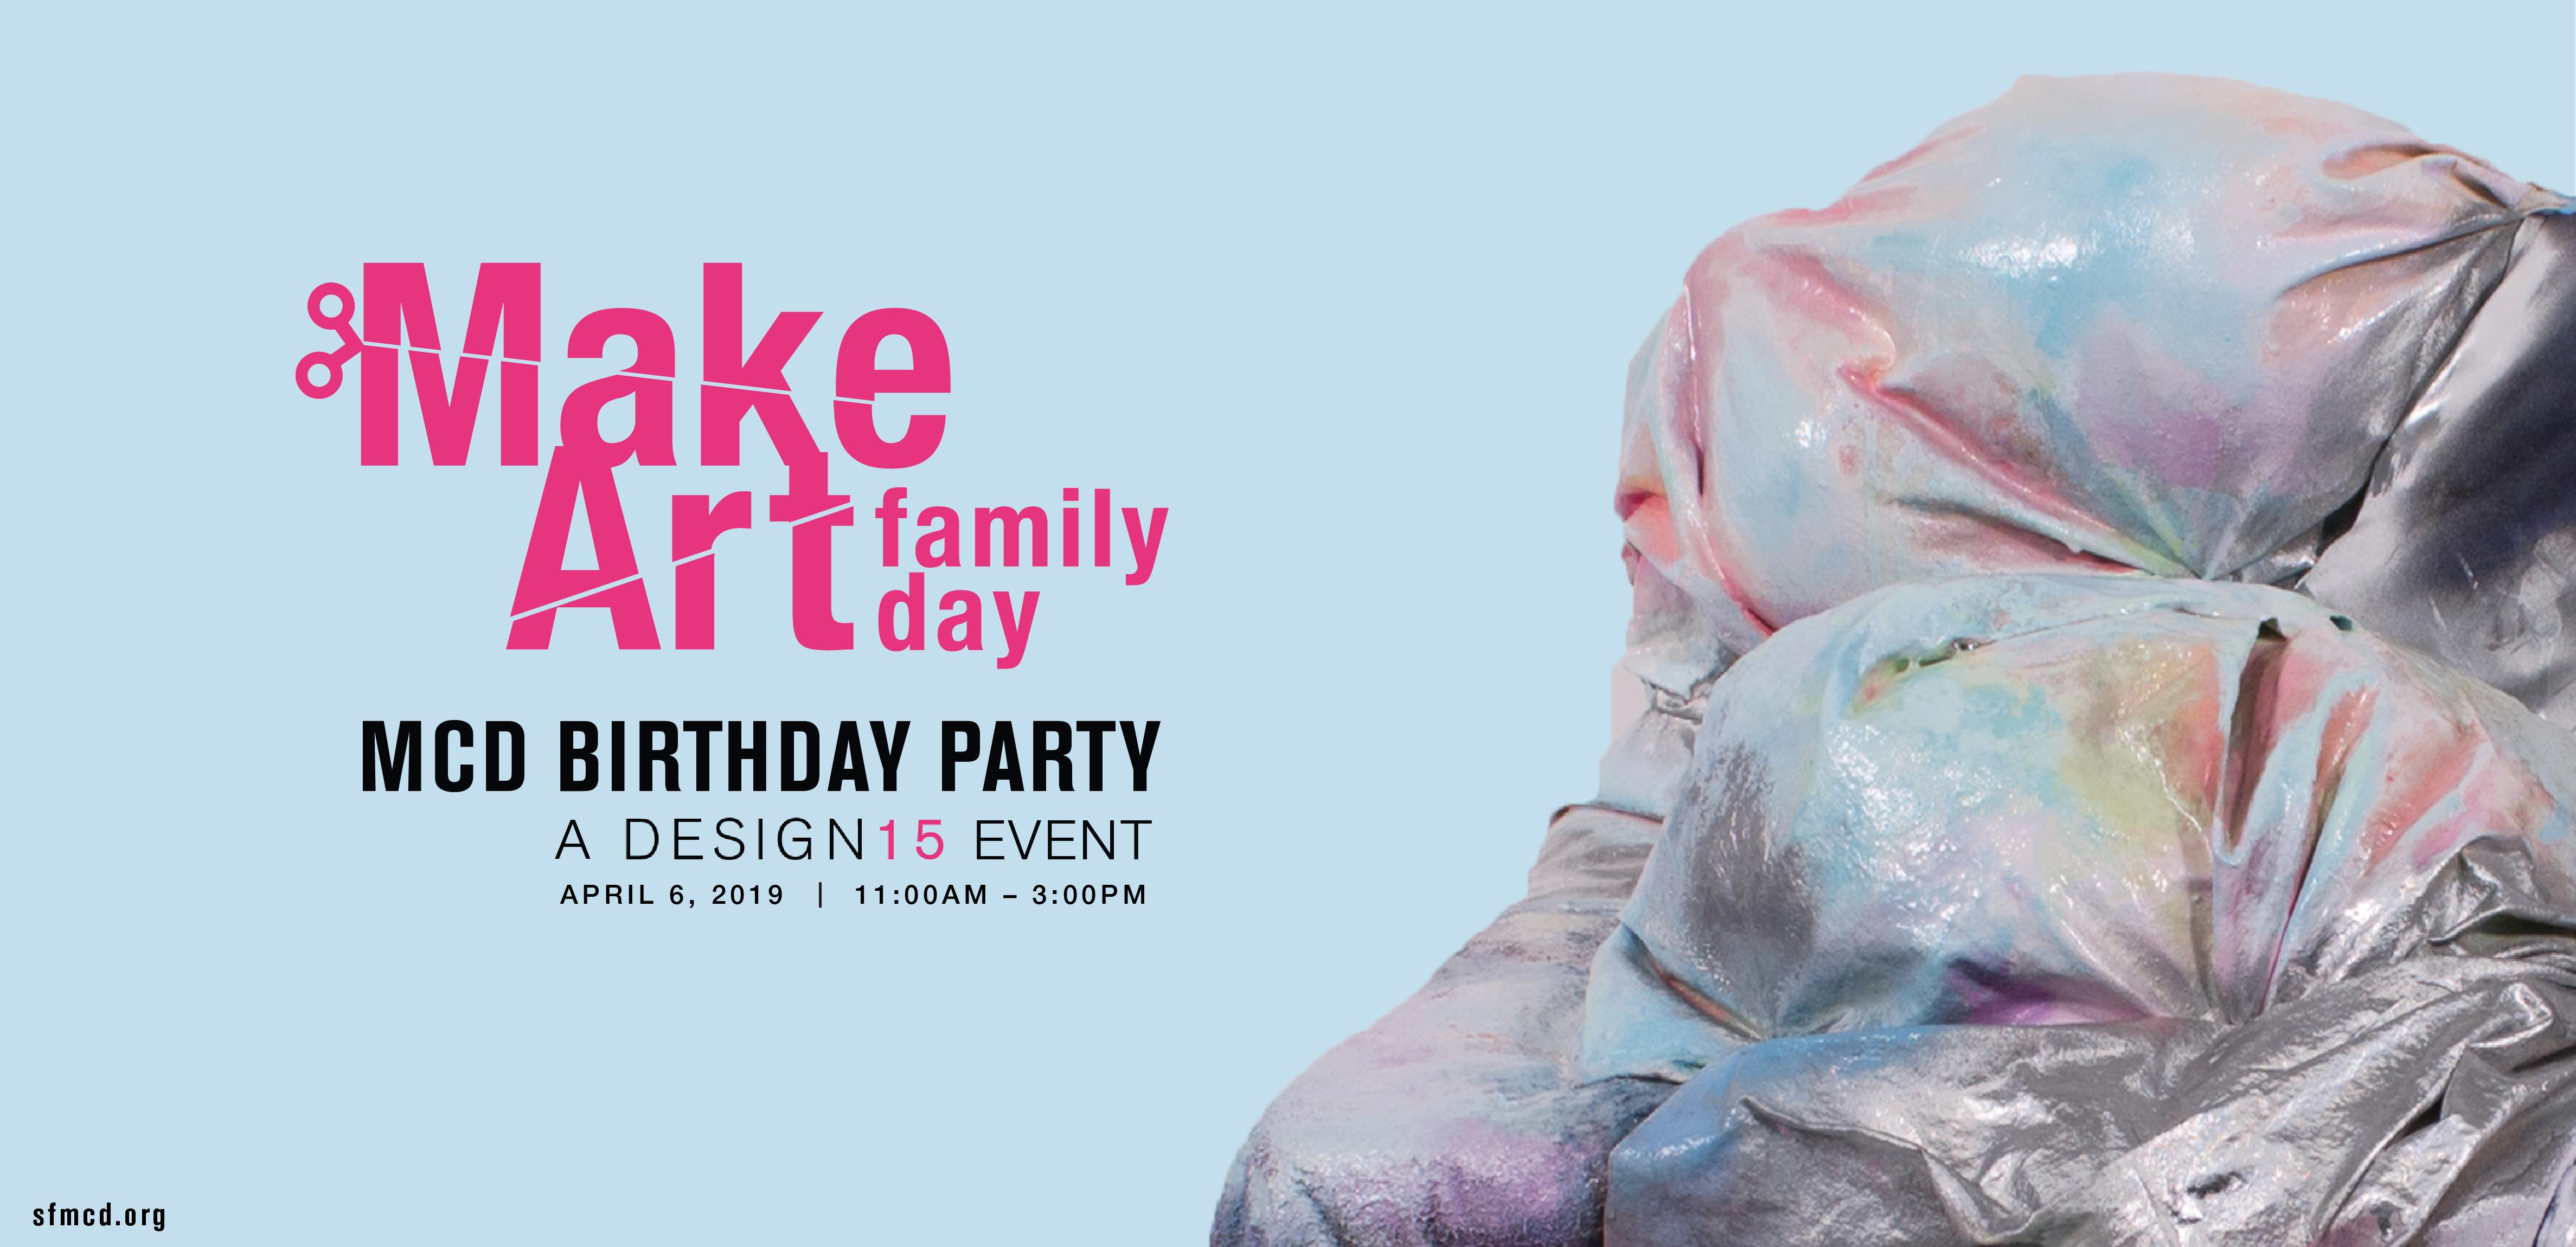 makeart_familyday-01.png